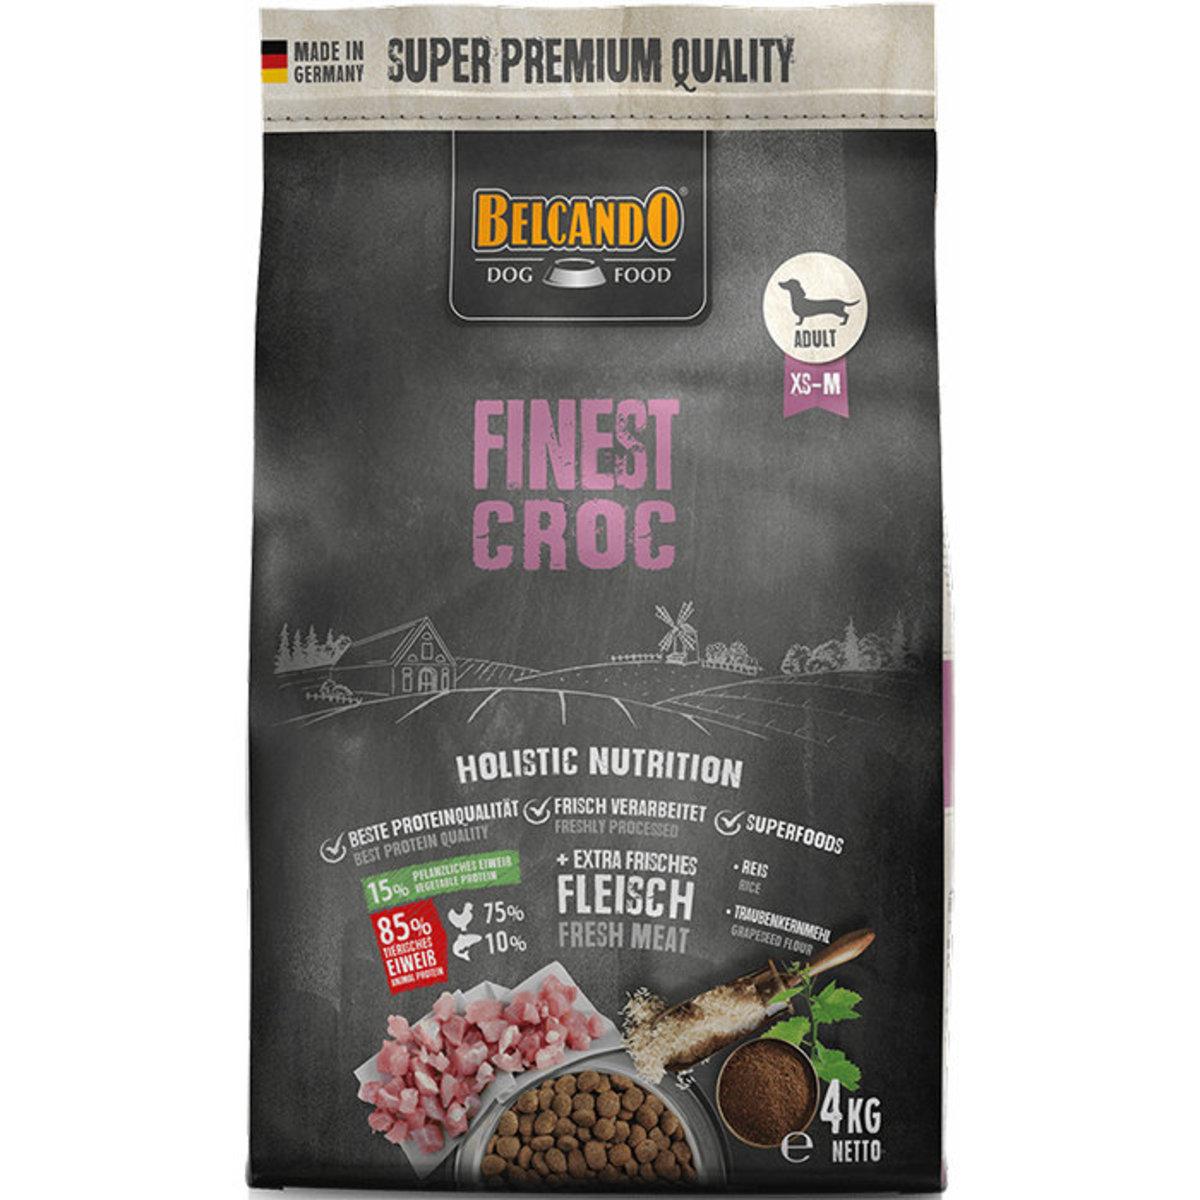 Finest Croc Formula Dry Dog Food 4kg